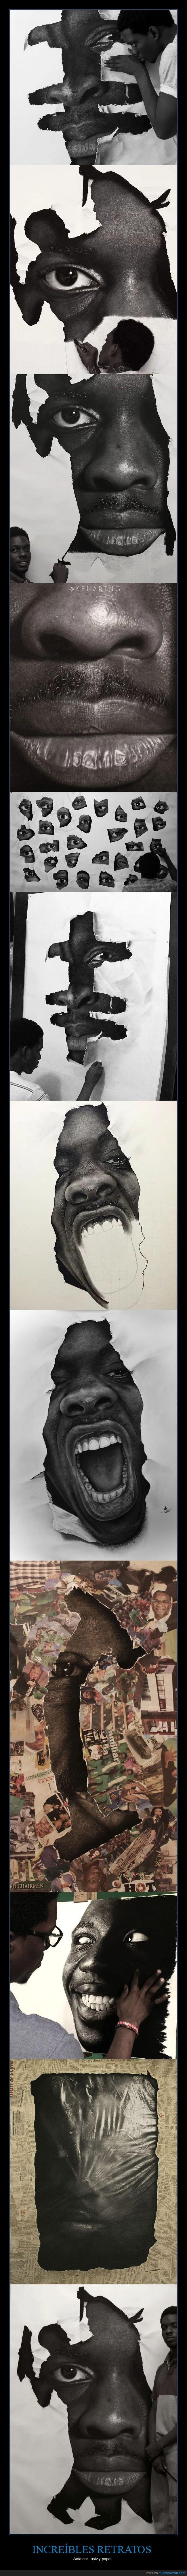 dibujos,lápiz,papel,retratos